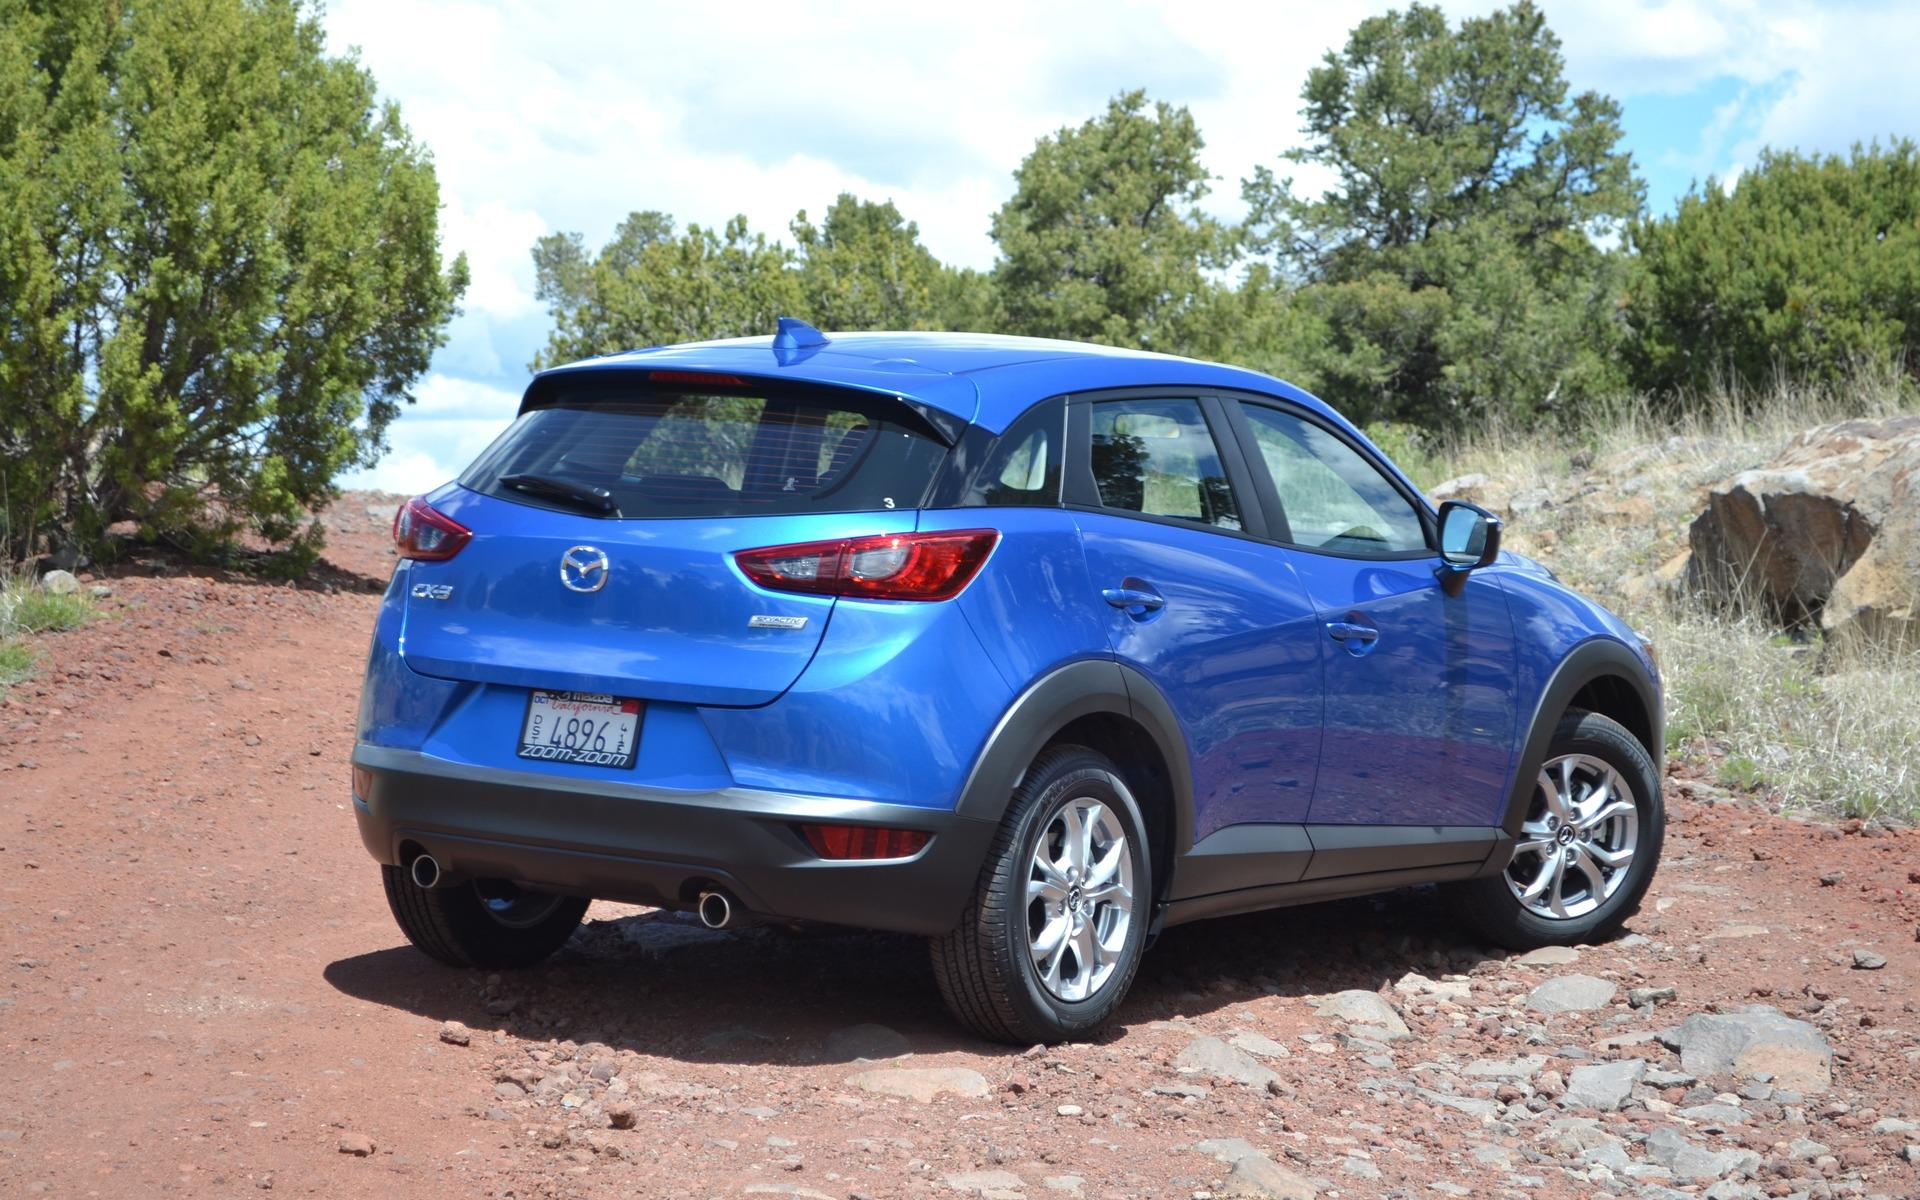 Aucune chance de se méprendre, il s'agit bien d'un produit Mazda.